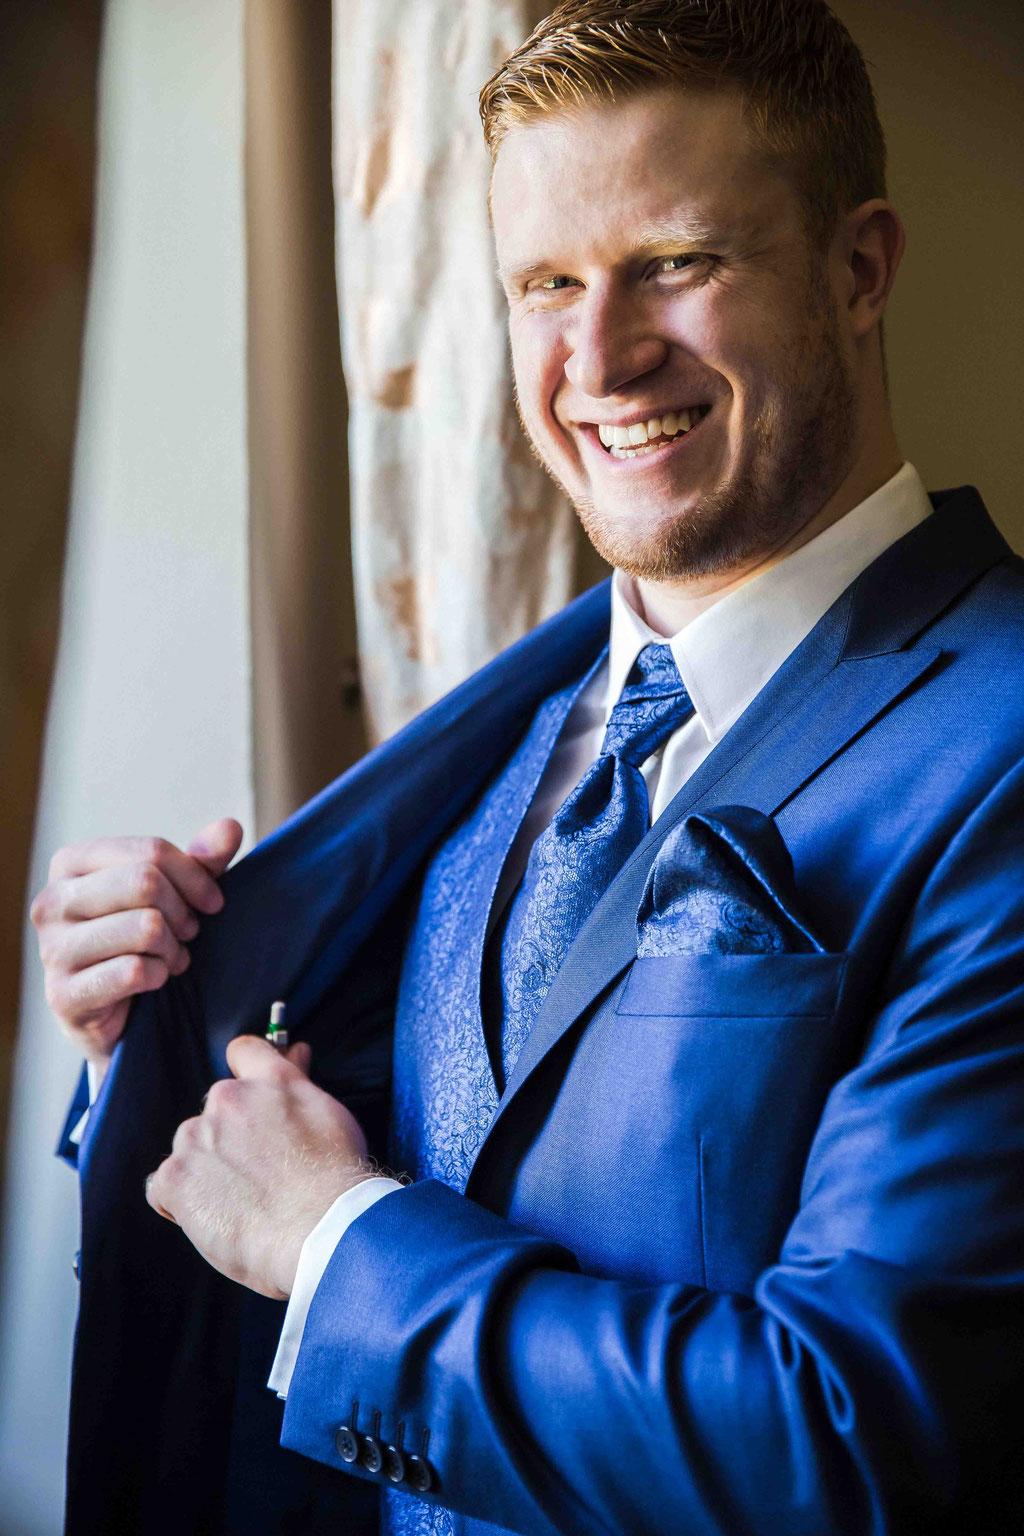 Porträt vom Bräutigam, Einzelaufnahmen vom Bräutigam, Getting ready Groom, Vorbereitungen beim Bräutigam fotografiert